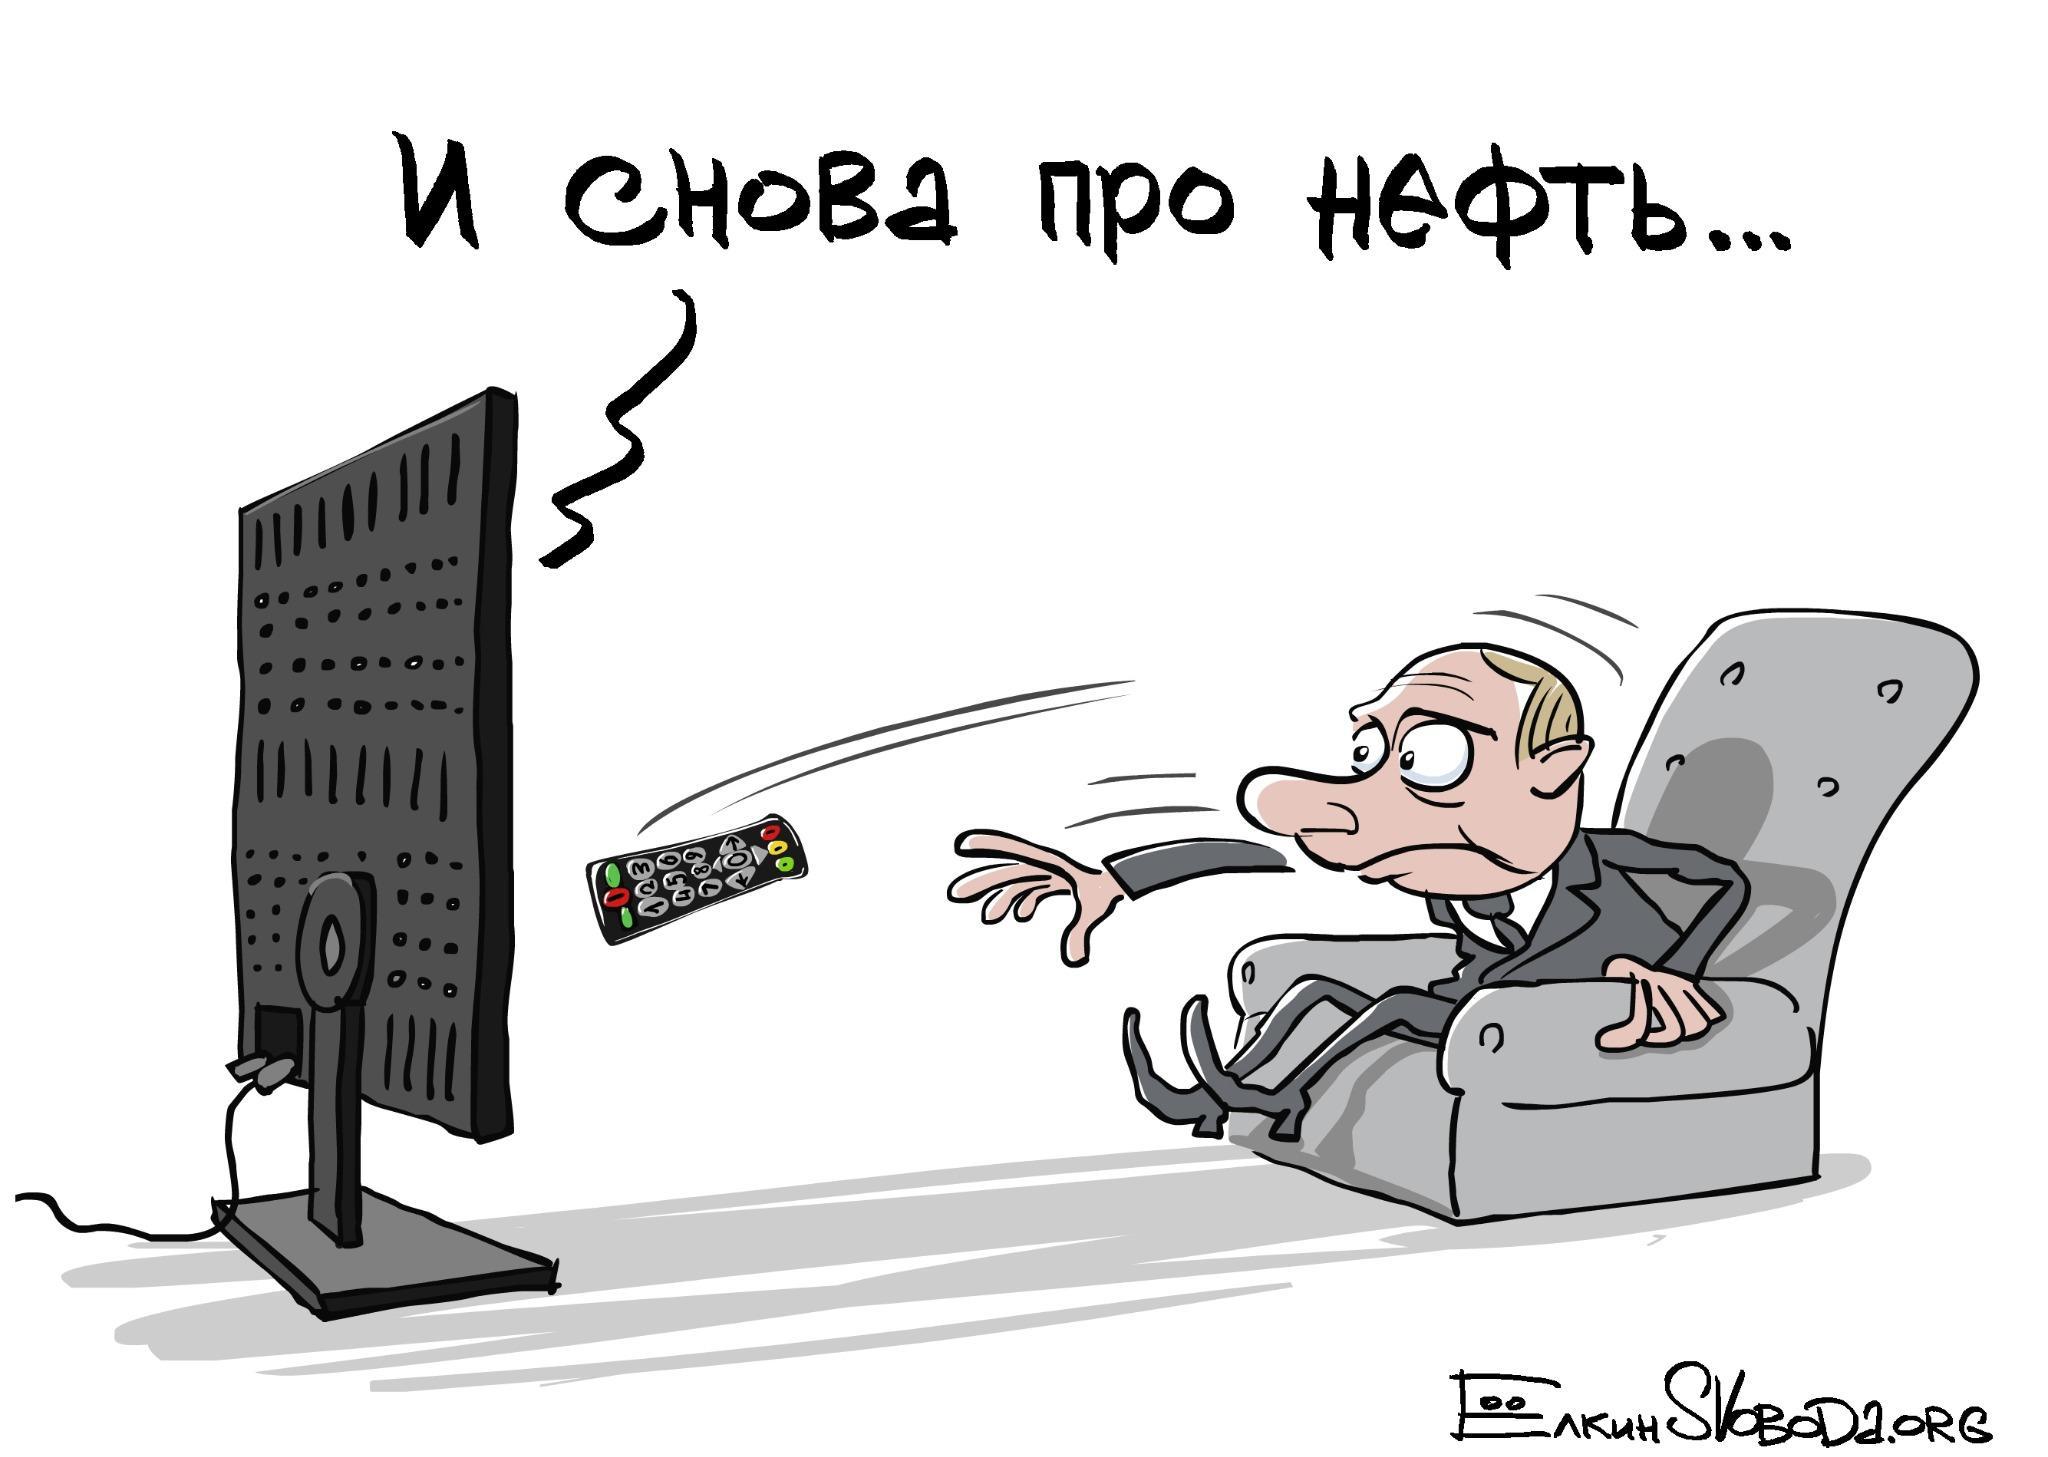 Финансовые рынки вот-вот спишут Украину со счетов, - Die Welt - Цензор.НЕТ 1348